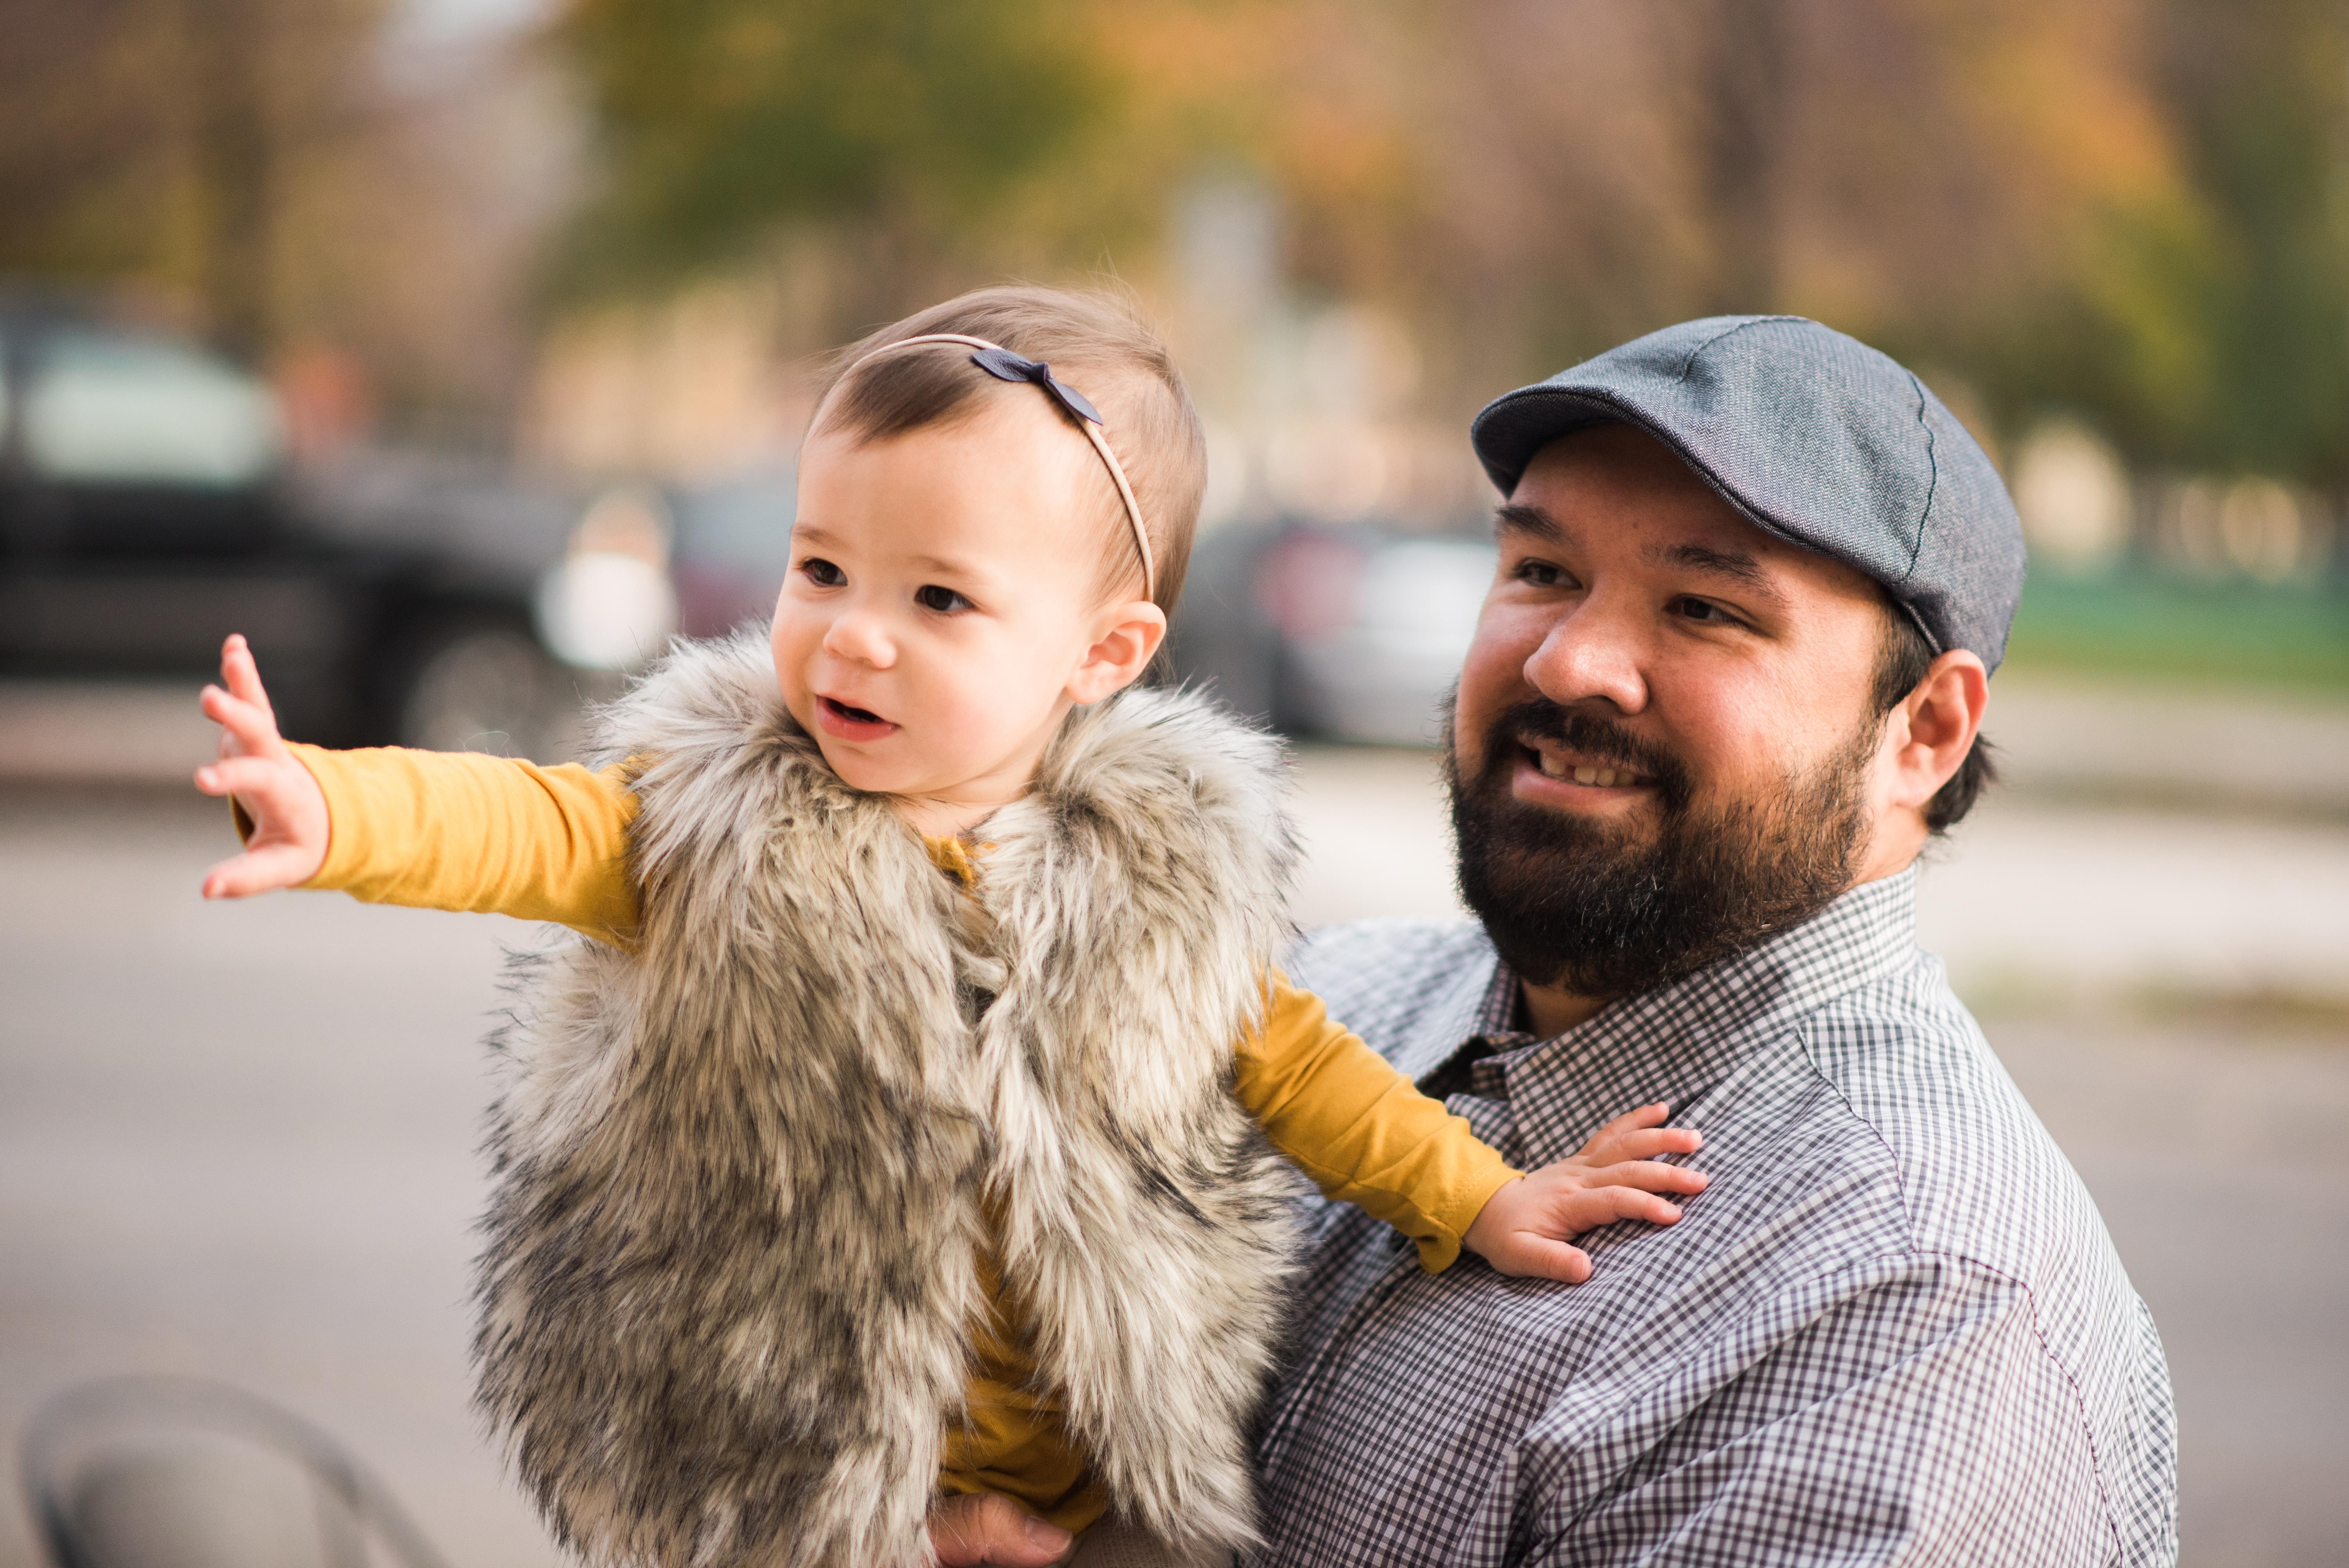 Godina Family Photos 11.12.16-25.jpg